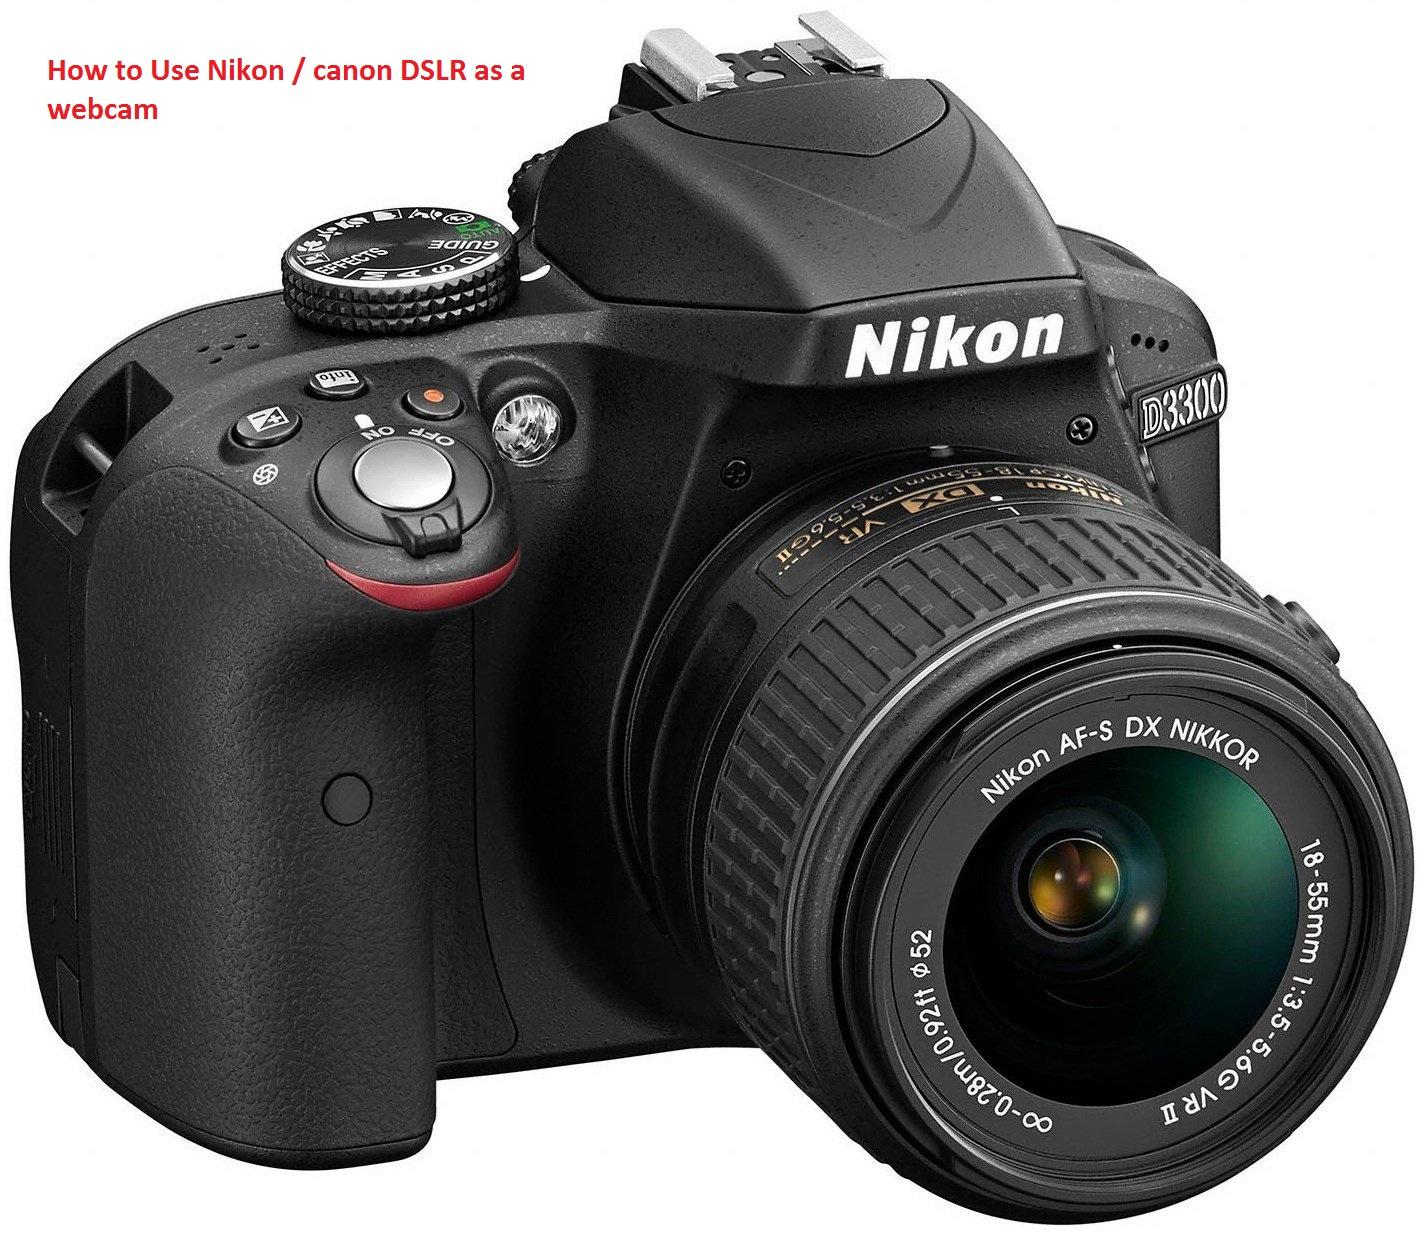 Camera Dslr Camera How To Use how to use nikon canon dslr as a webcam techtrick camera webcam